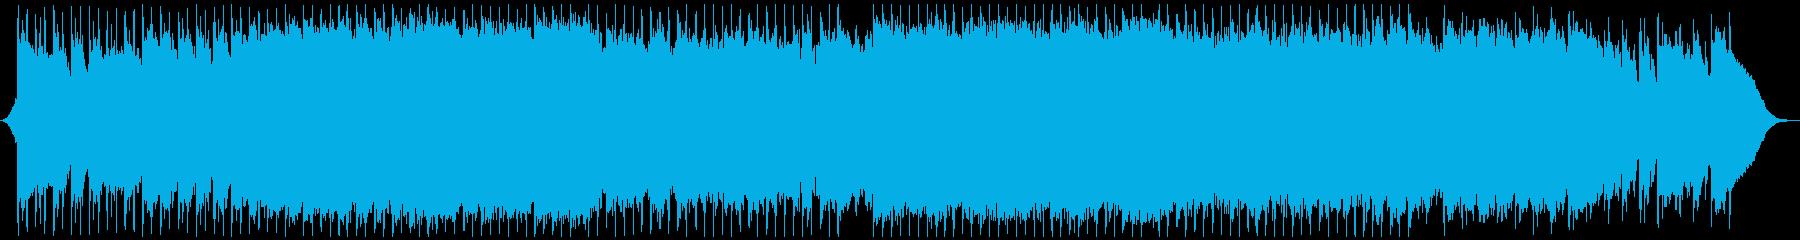 優しいアコースティックBGMの再生済みの波形